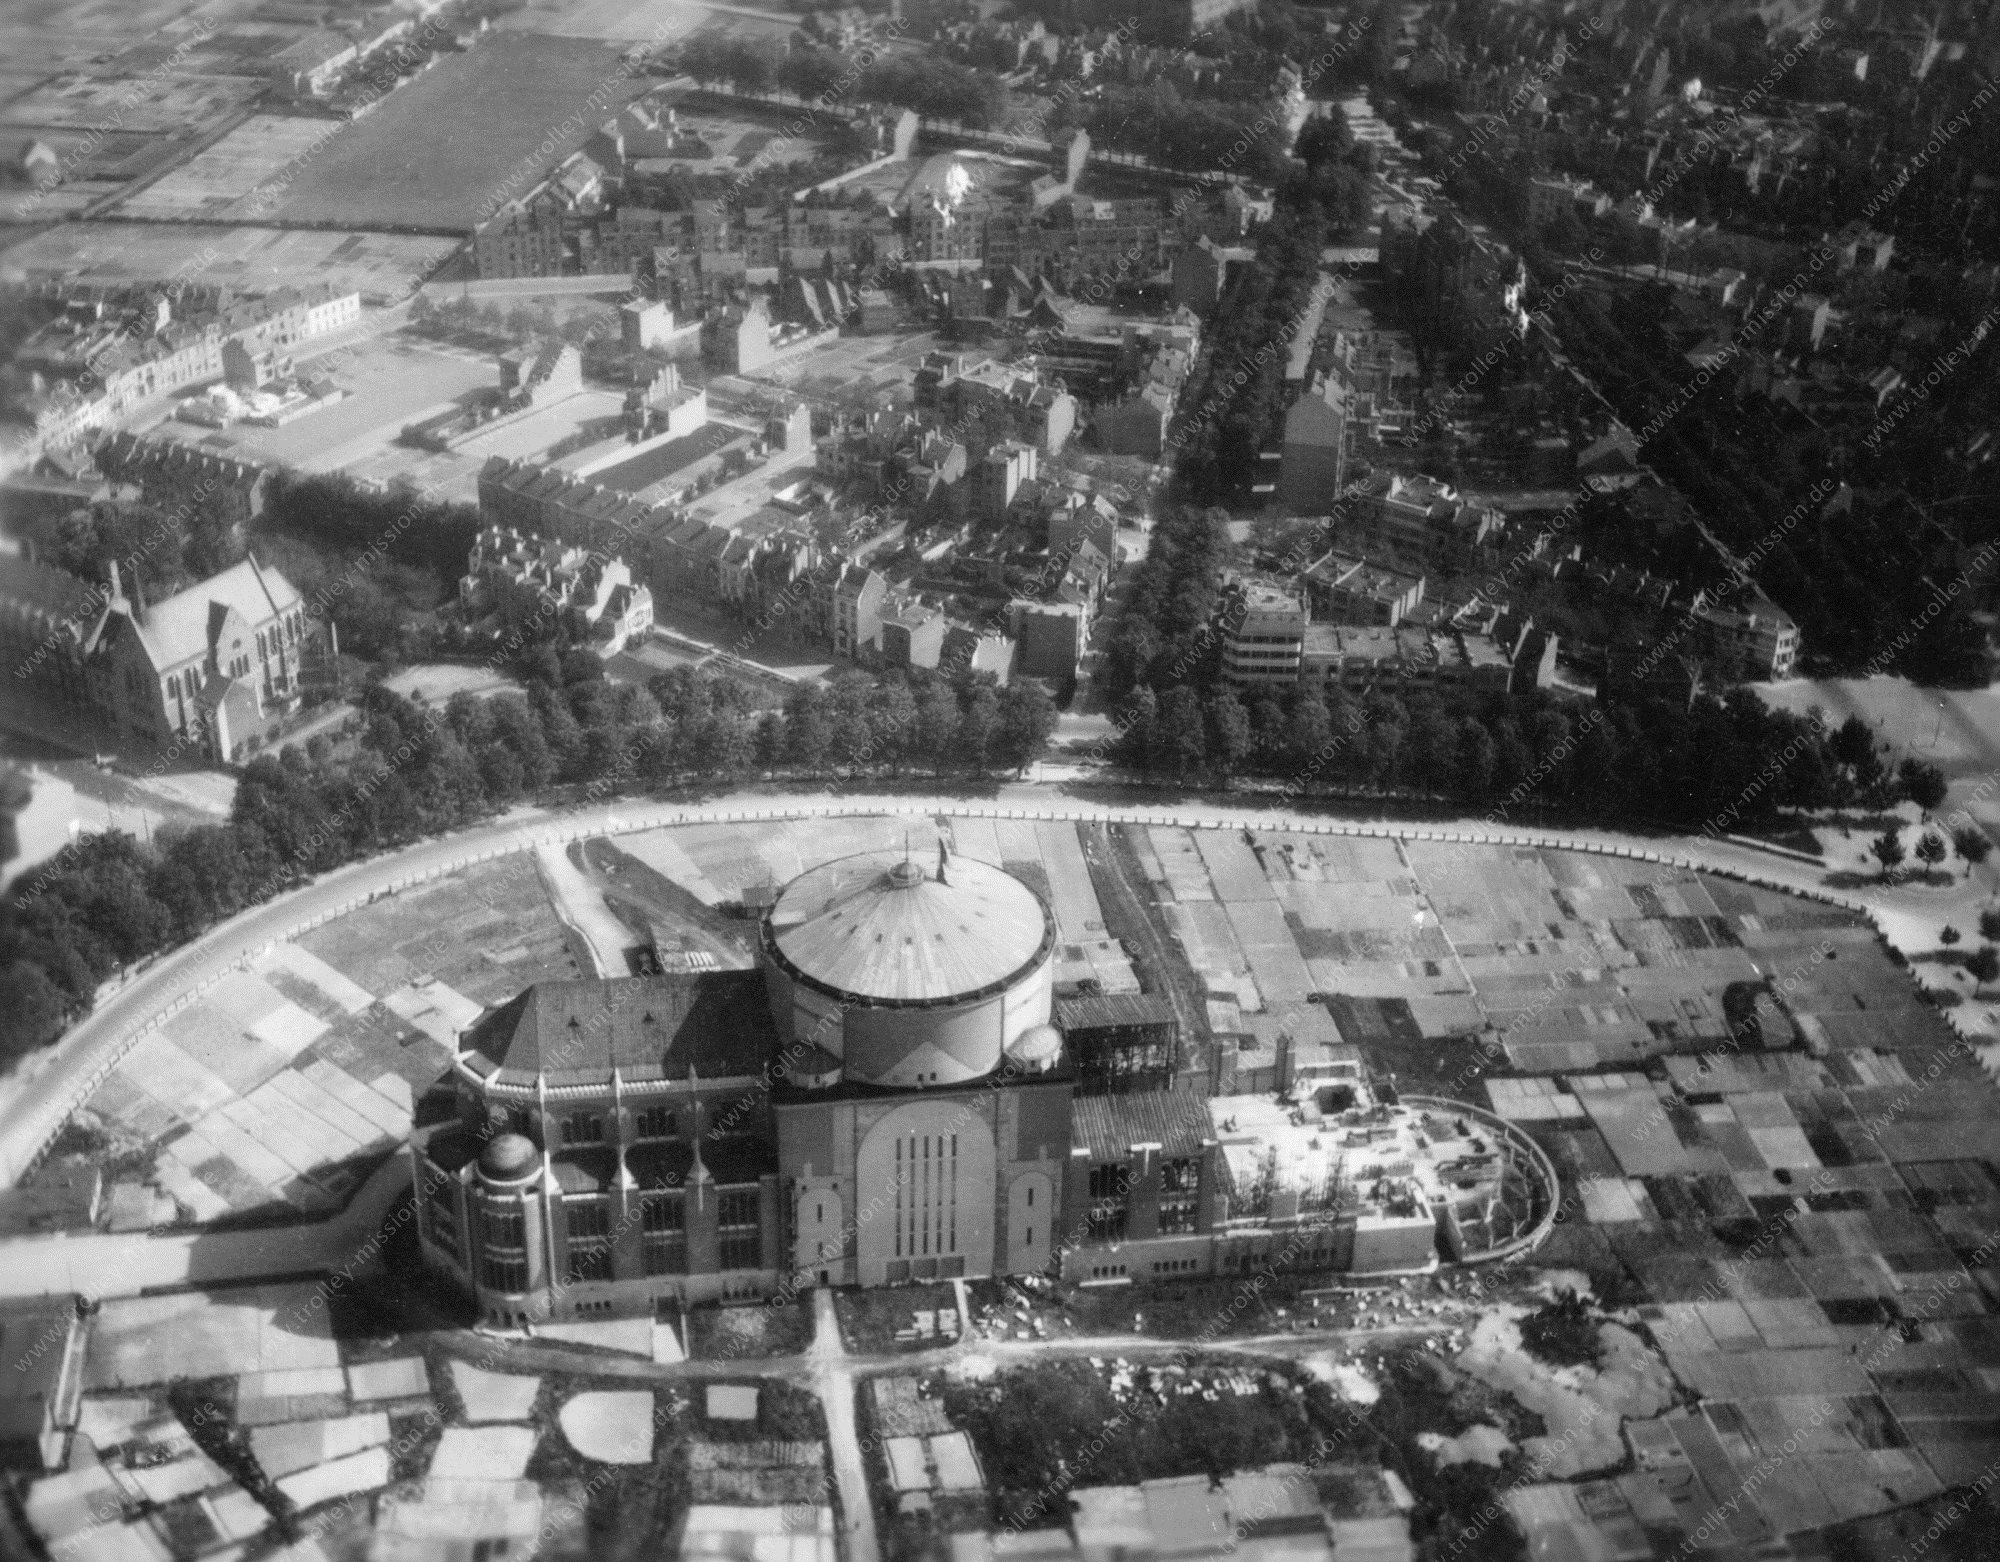 Luchtopname van de Nationale Basiliek van het Heilig Hart (Basiliek van Koekelberg) op mei 1945